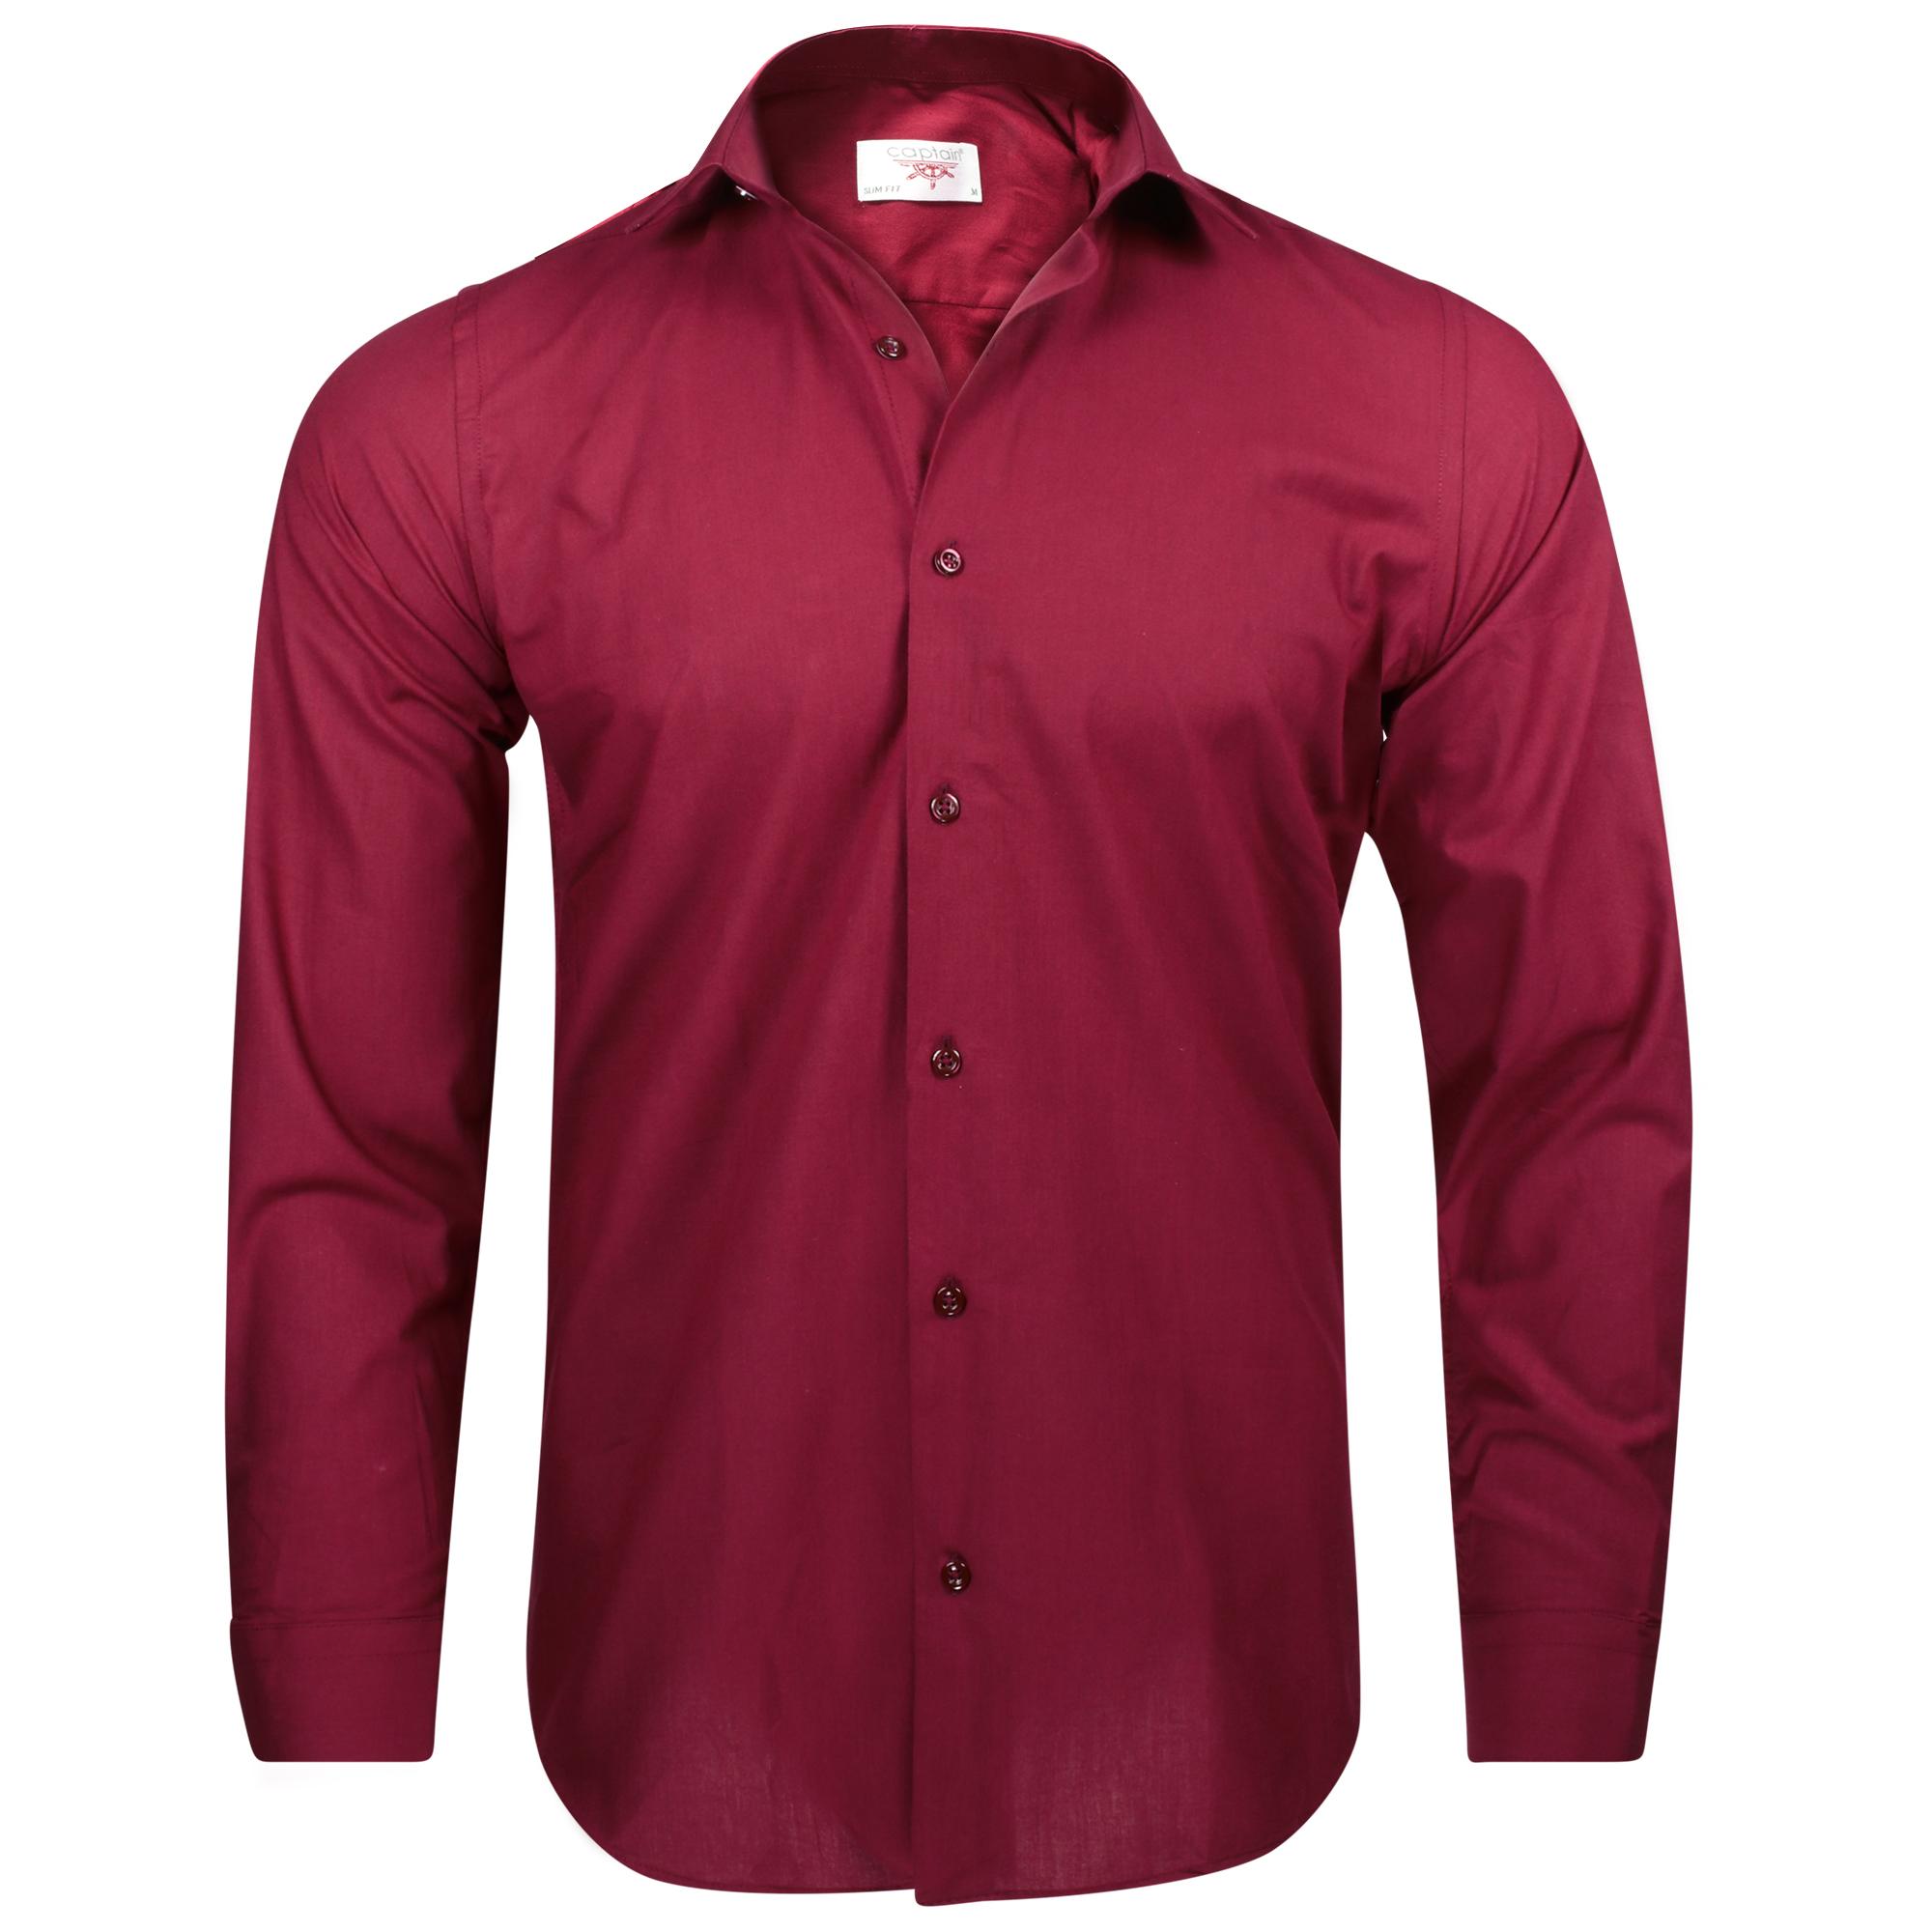 Captain Slim Fit Herren Hemden (in 30 verschiedenen Farben) 100% Baumwolle